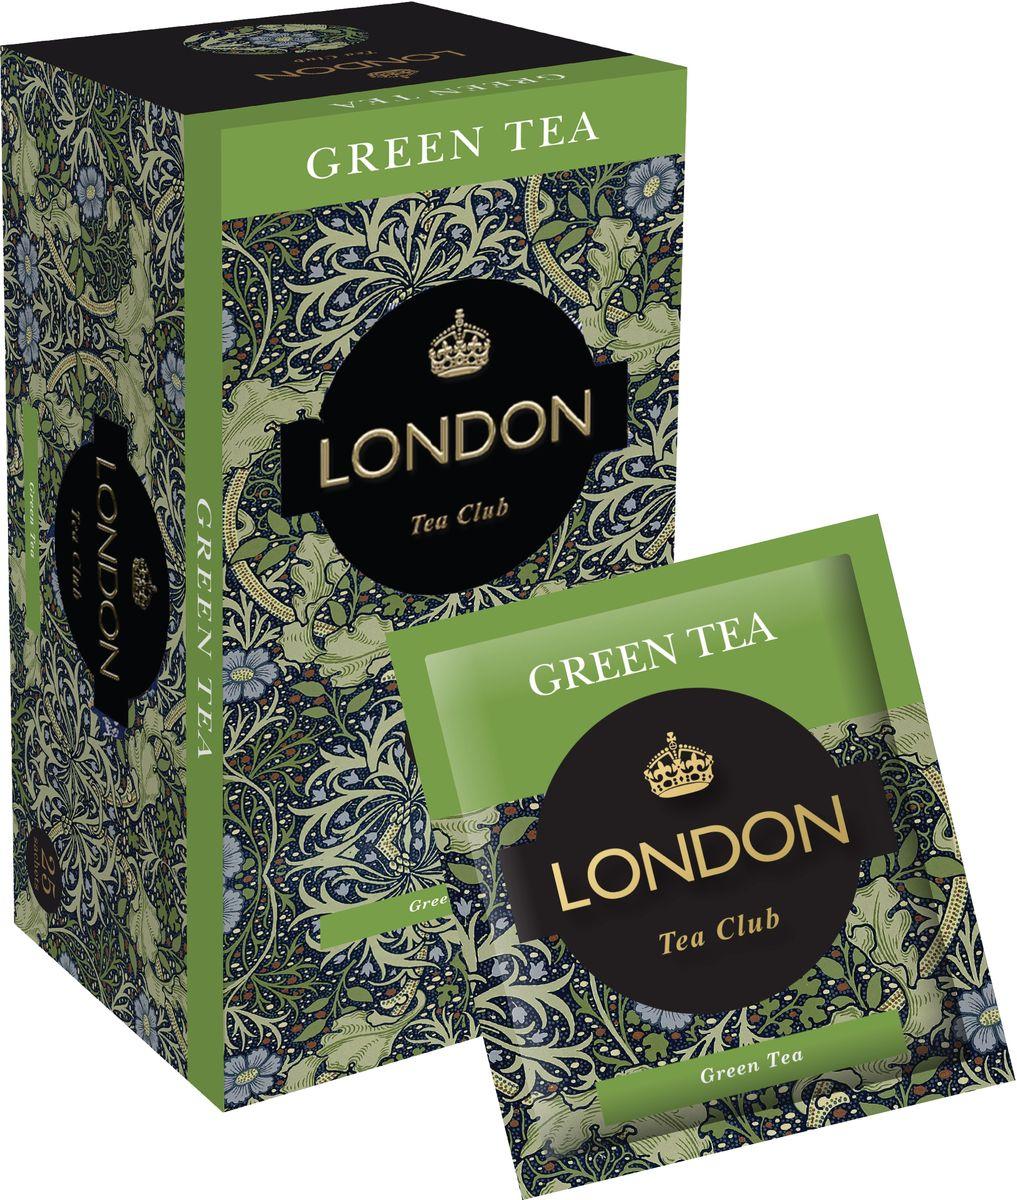 London Tea Club Green Tea черный чай в пакетиках, 25 шт4607051543638Превосходный китайский зеленый чай, созданный вдохновлять и дарить бодрость. Именно в Китае родилась традиция проведения красивых чайных церемоний, а сам чай часто называют божественным напитком. Китайский зеленый чай London Tea Club прекрасно тонизирует и поможет начать день в хорошем, бодром настроении.